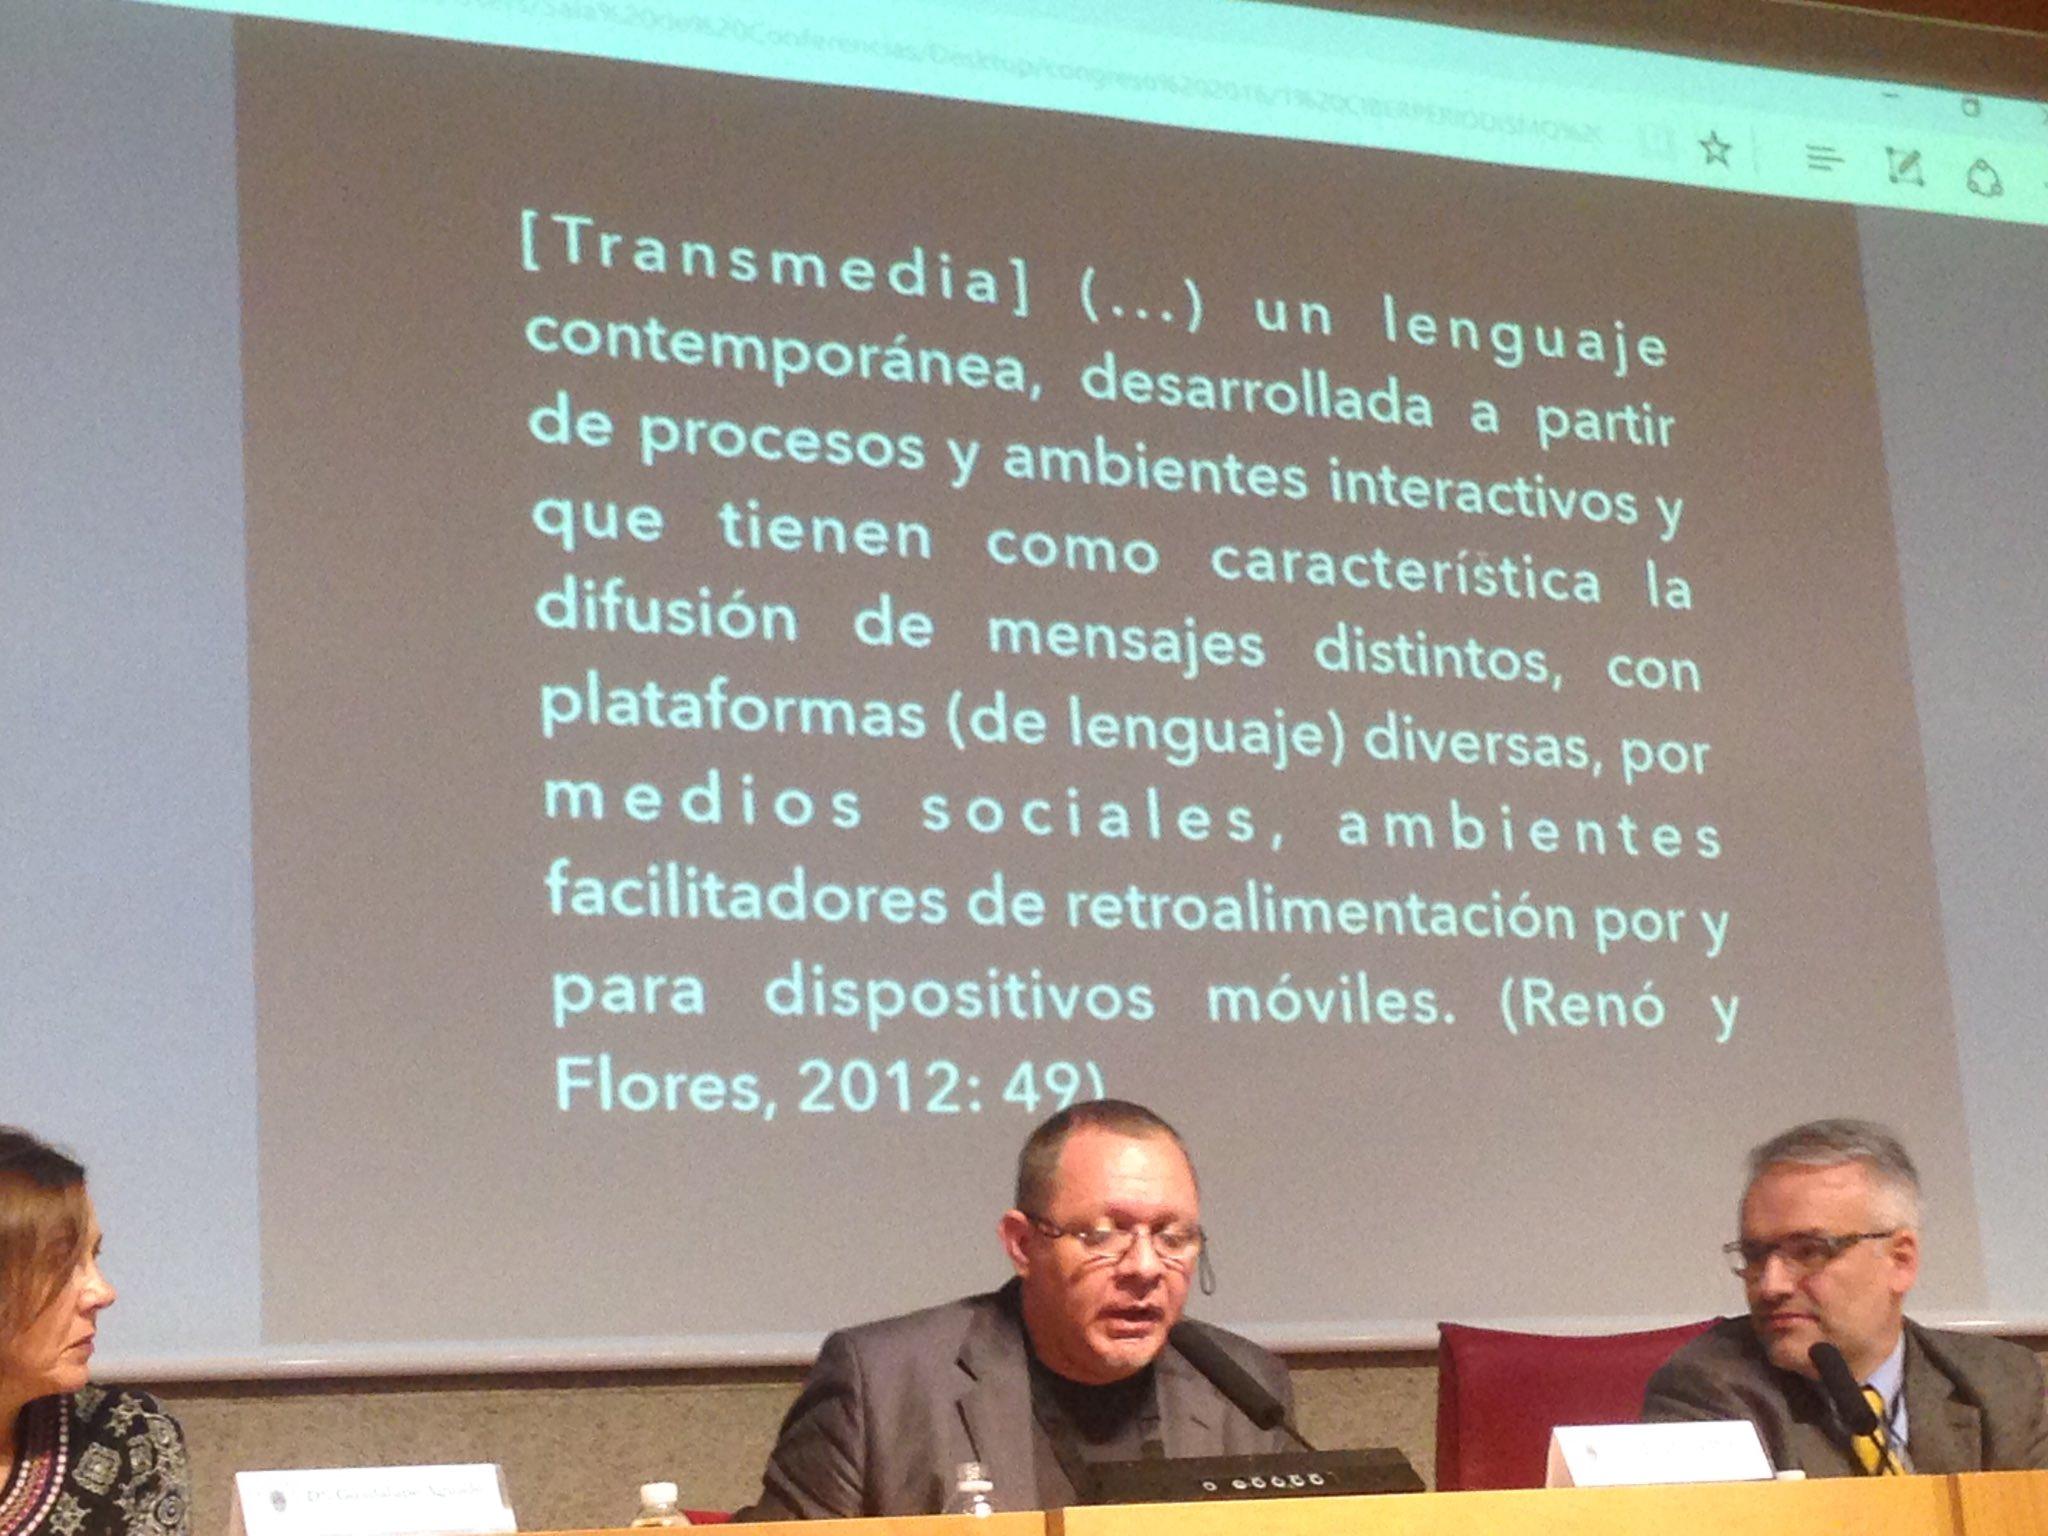 El concepto de Transmedia, la obra de @jesusflores y  @denisreno, en @CongresoUCM https://t.co/UTpVlrQXaN